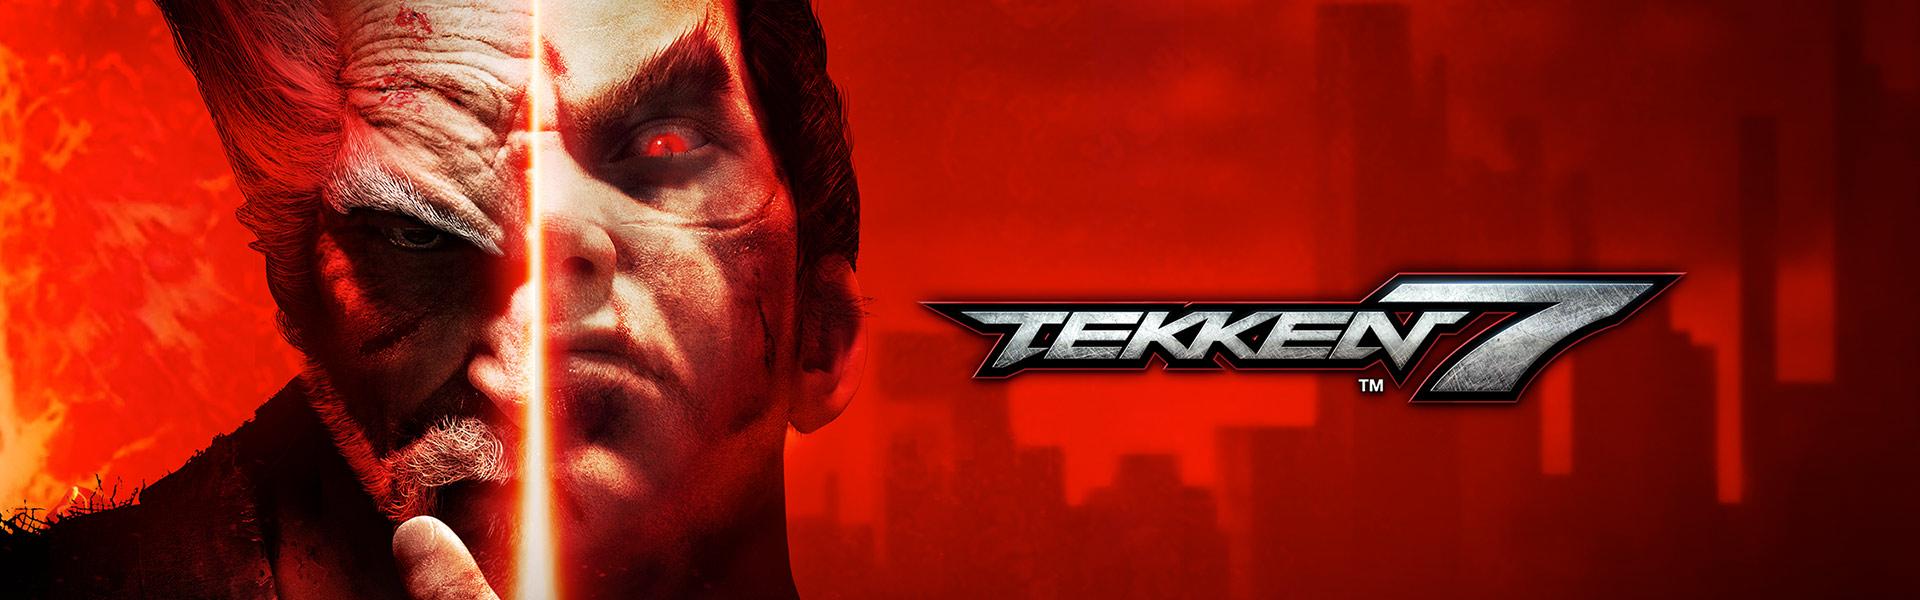 Tekken 7 game characters